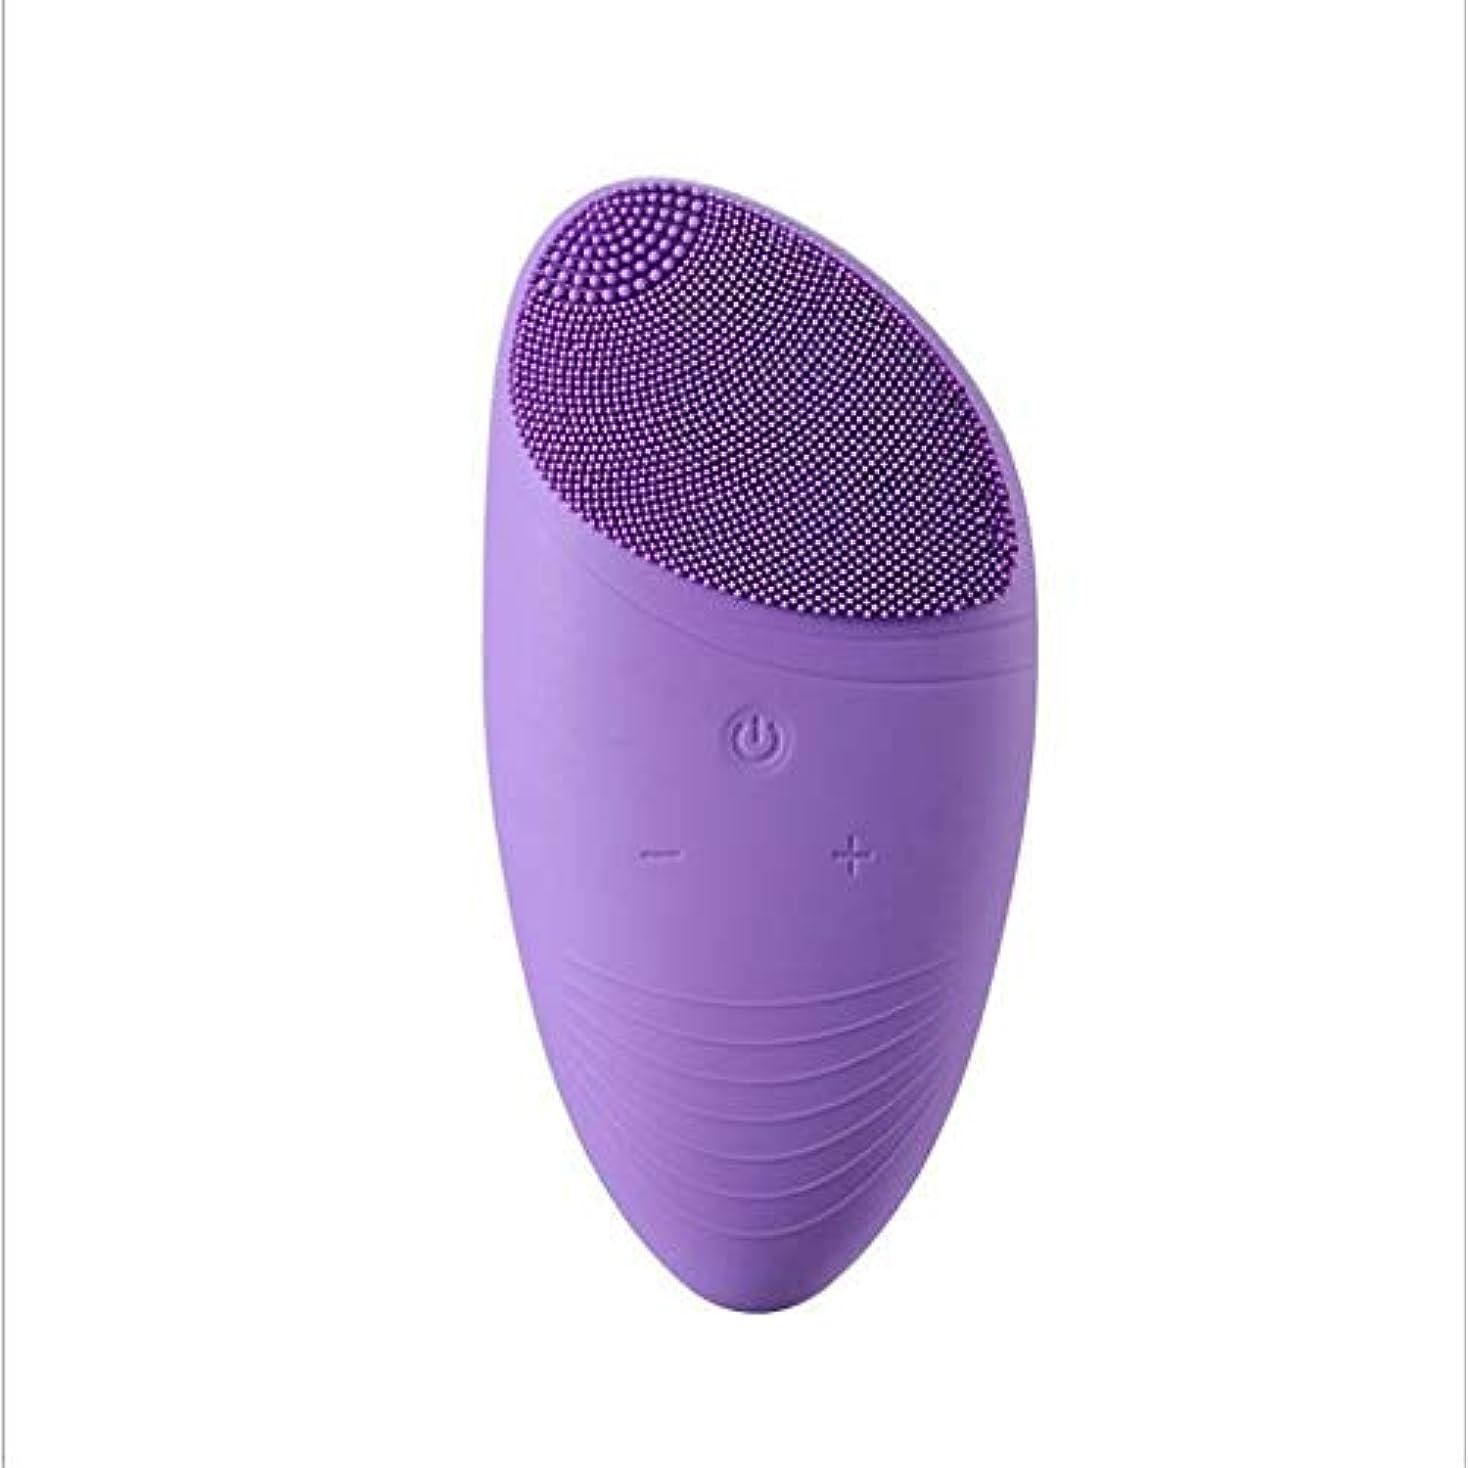 資格情報小川抜本的な洗顔ブラシ、電気シリコーン充電式防水アンチエイジングスキンクレンザーと男性&女性のためのディープエクスフォリエーターのメイクツールマッサージャーソニックフェイス (Color : 紫の)